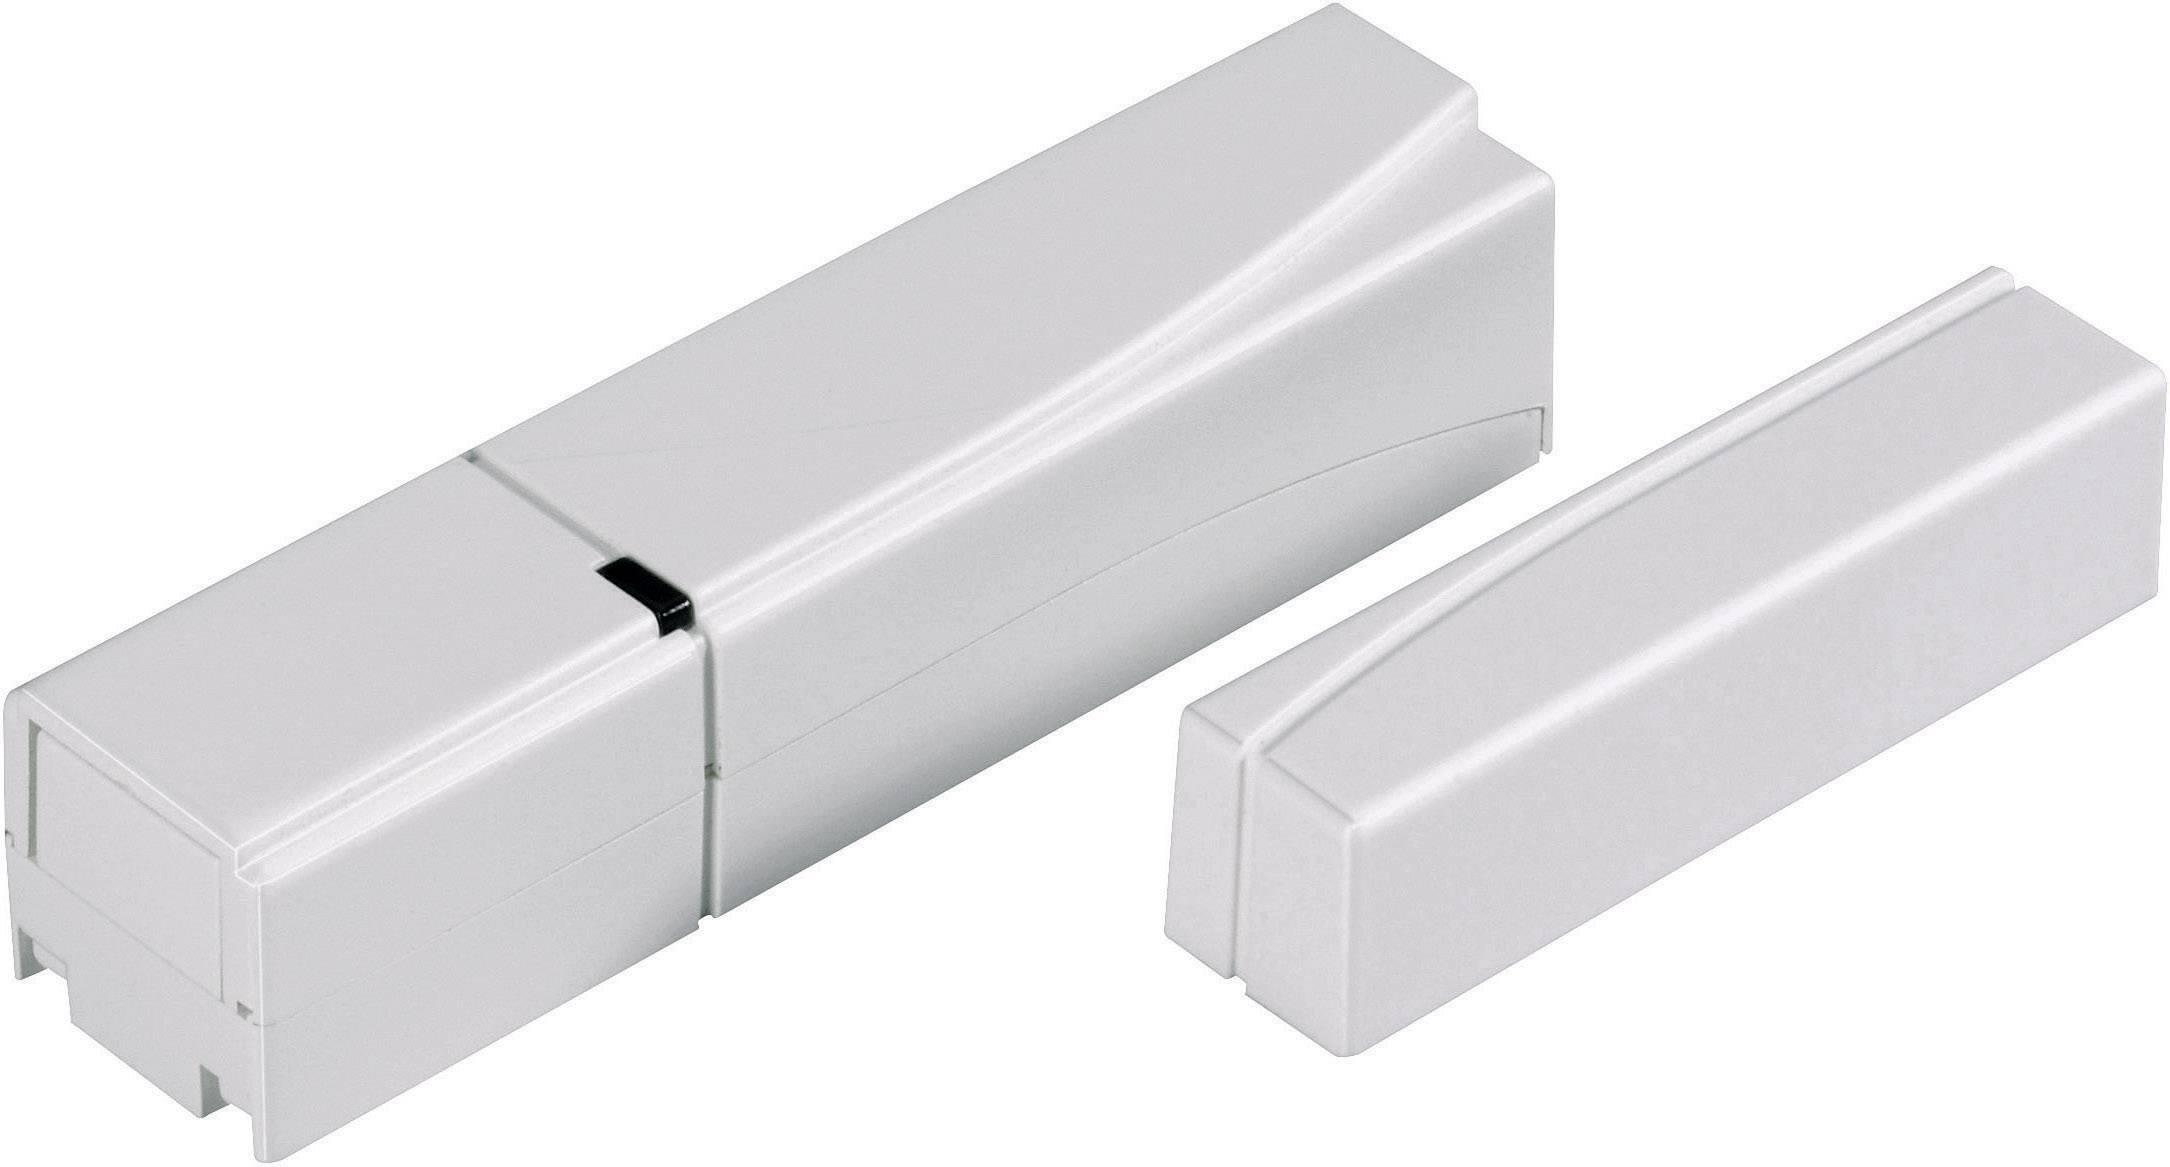 Bezdrôtový dverový, okenný kontakt HomeMatic 131775C0 max. dosah 100 m